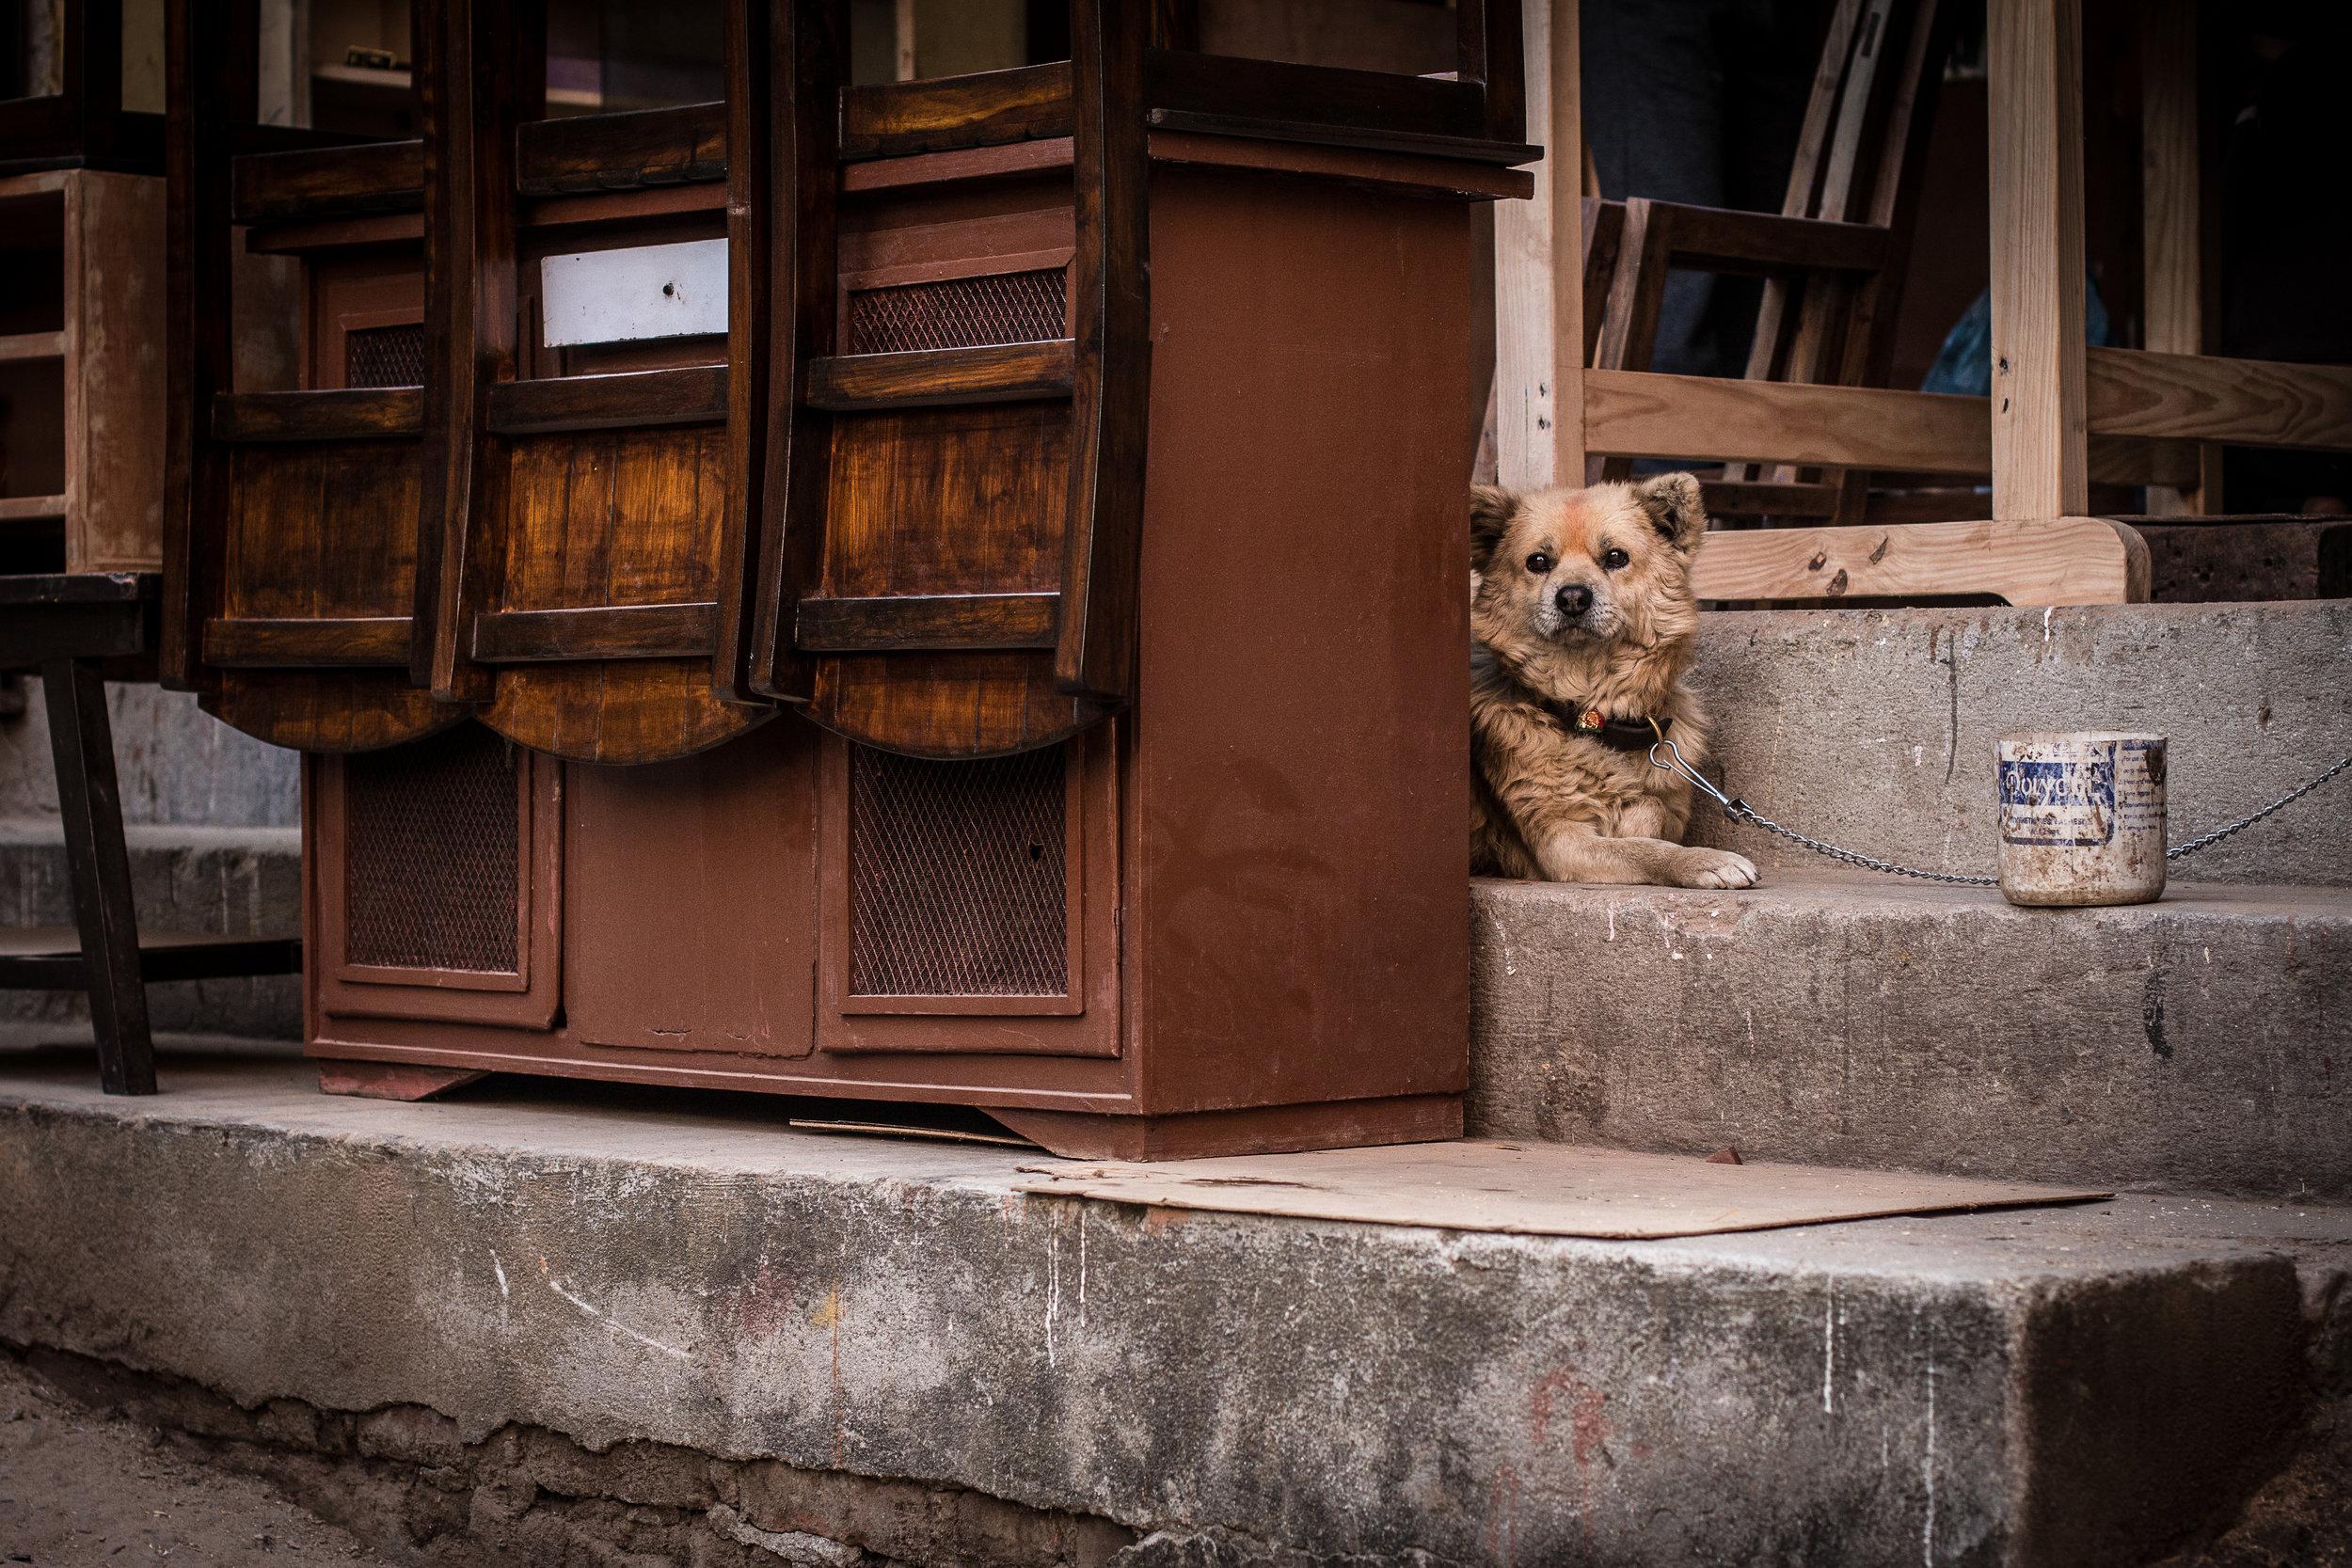 Kathmandu oli täynnä kaikenlaisia koiria - tässä harvinainen jonkun omistuksessa oleva sellainen.